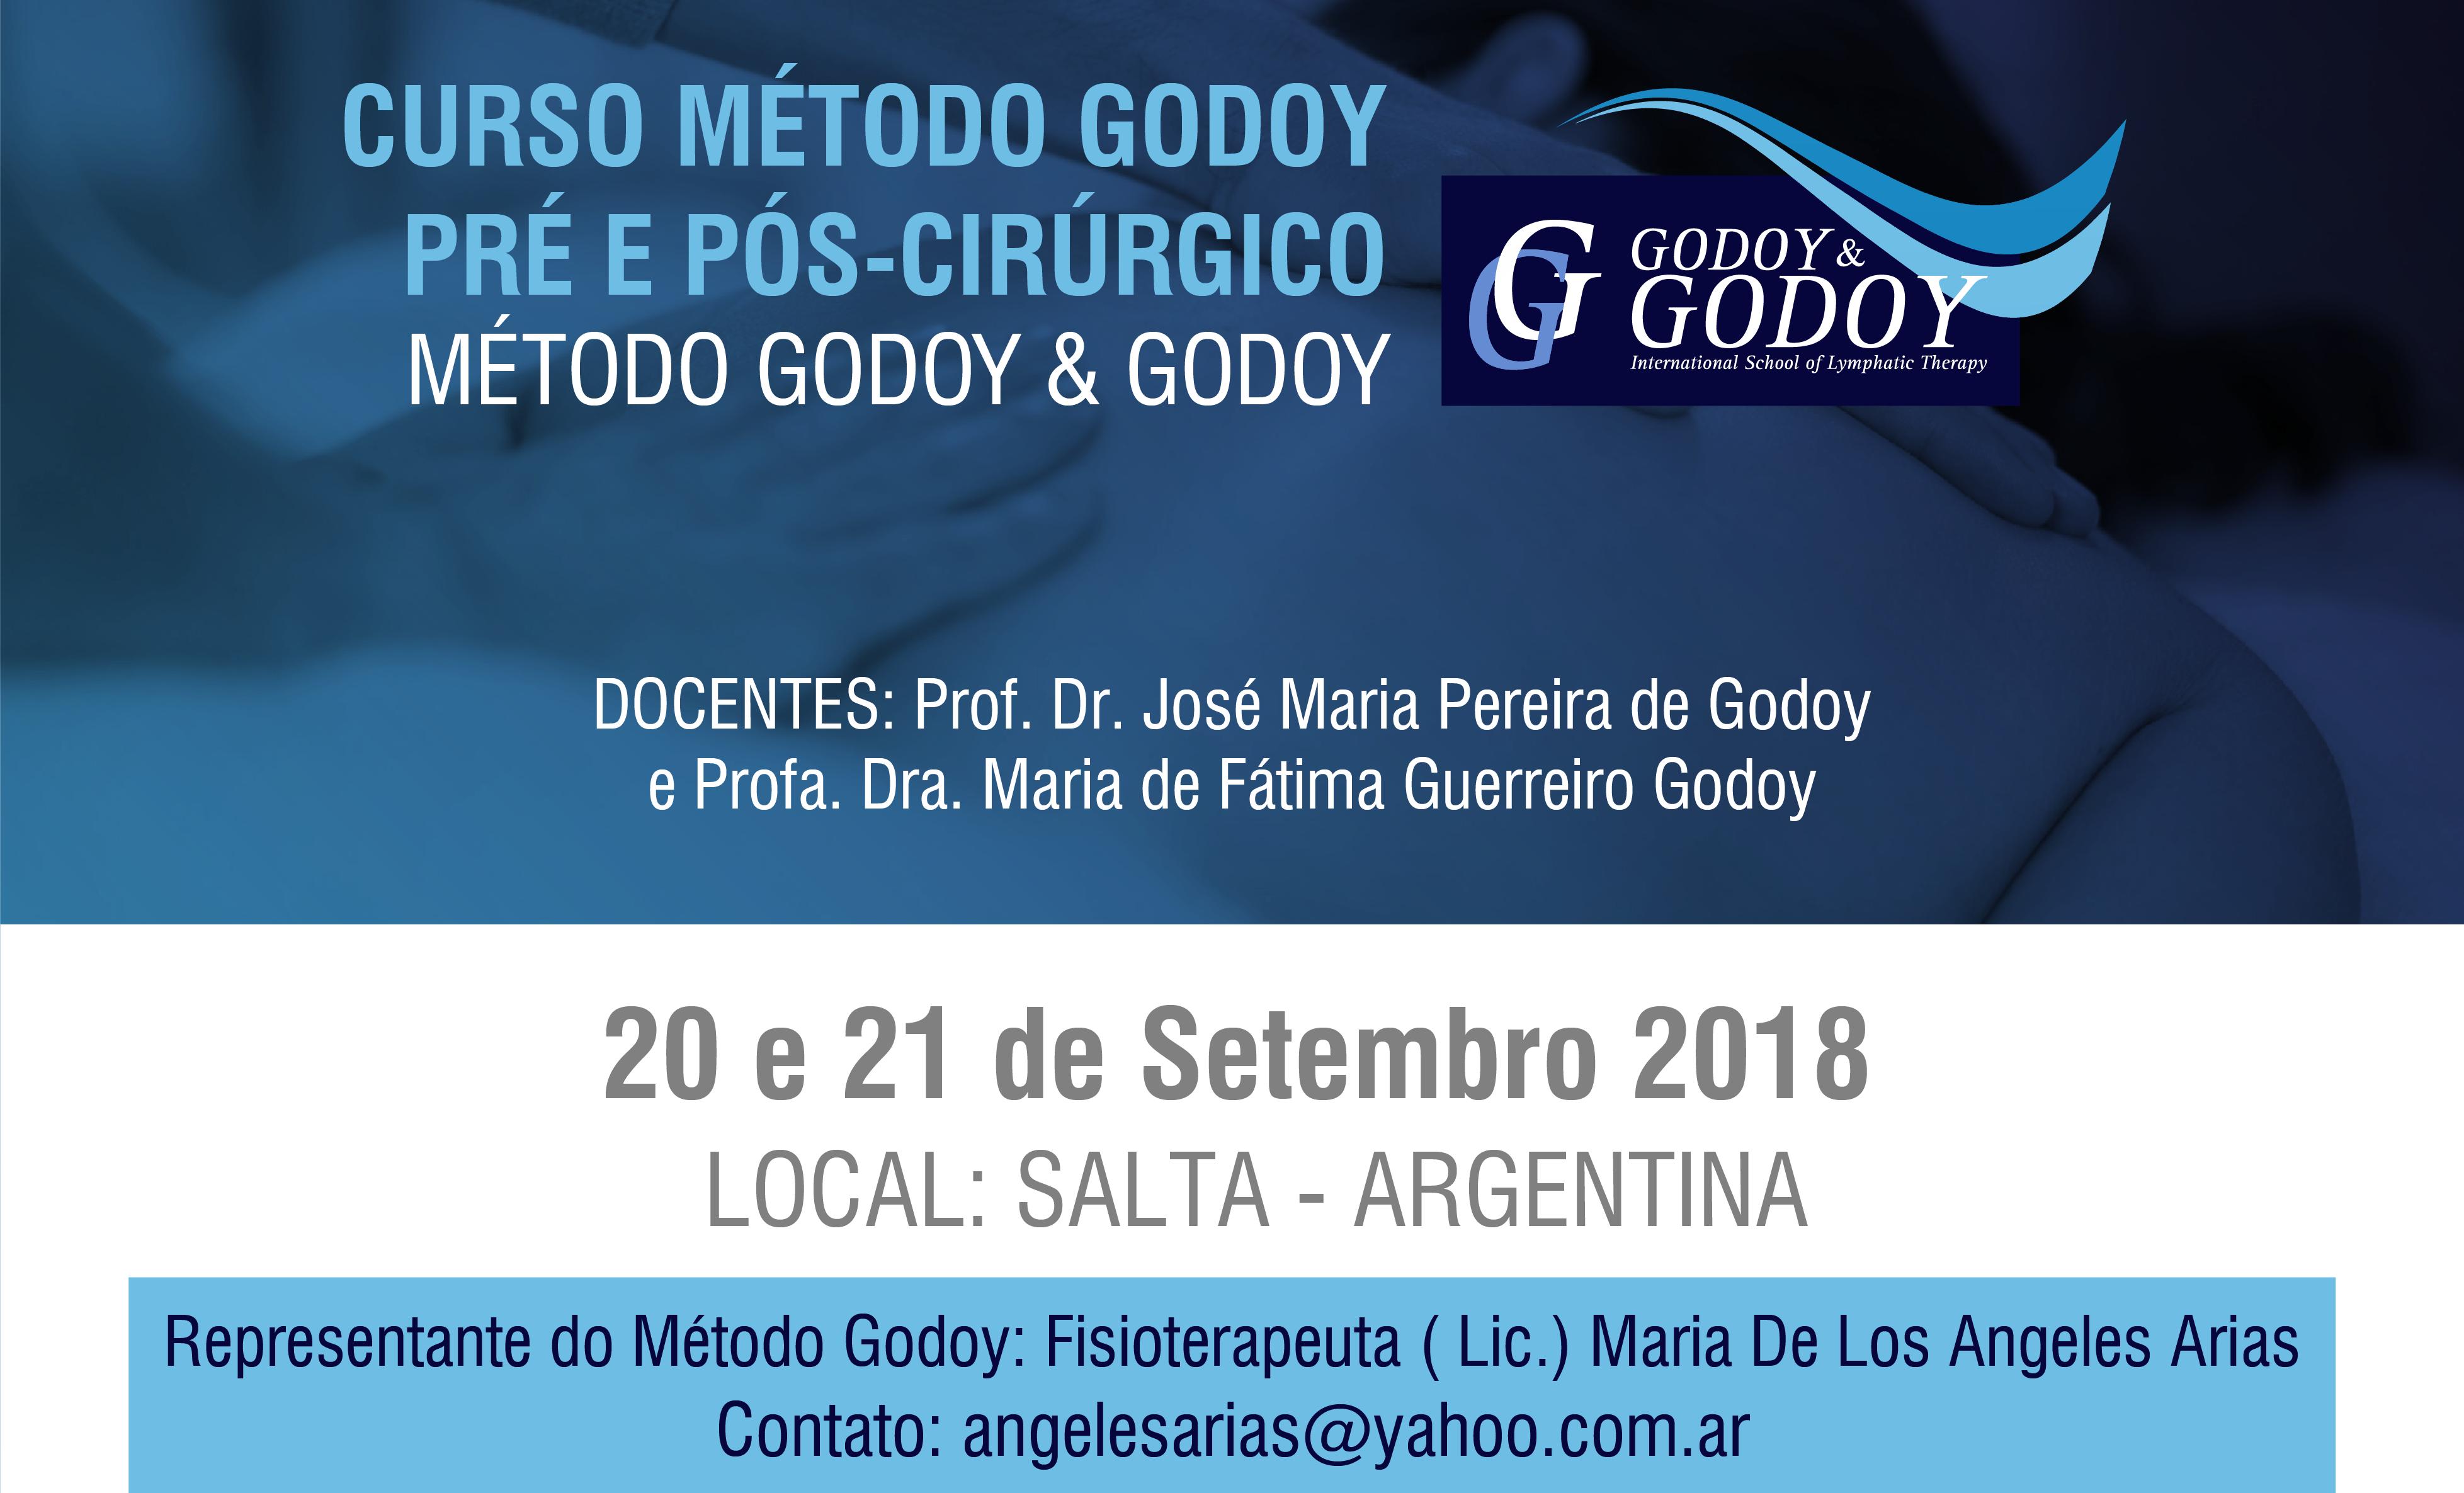 Curso Método Godoy pré e pós-cirúrgico